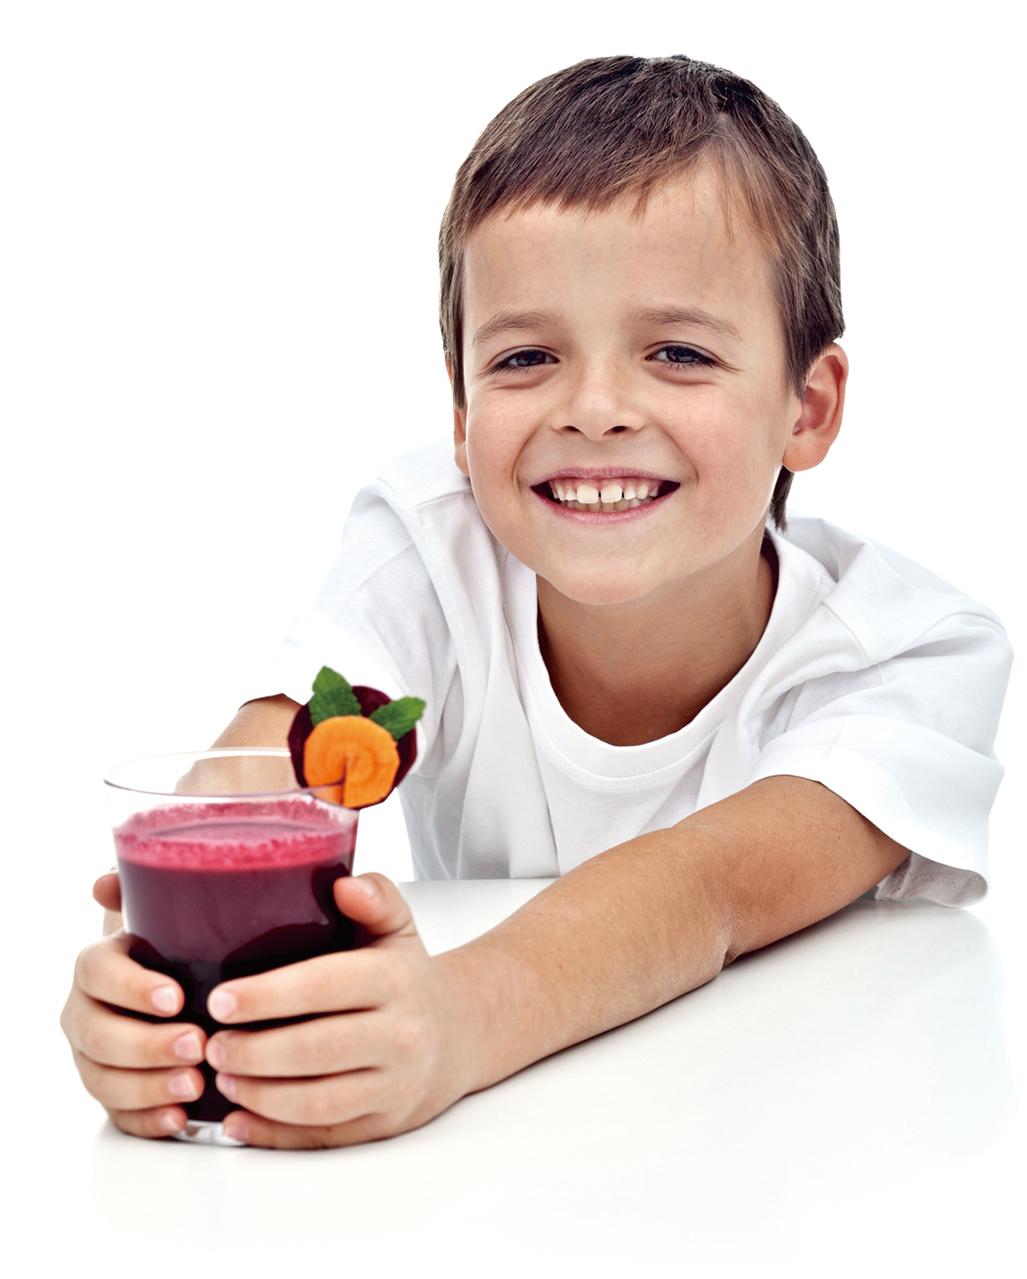 運用多元的食材打一杯果昔,可以幫孩子儲備需要的養份。